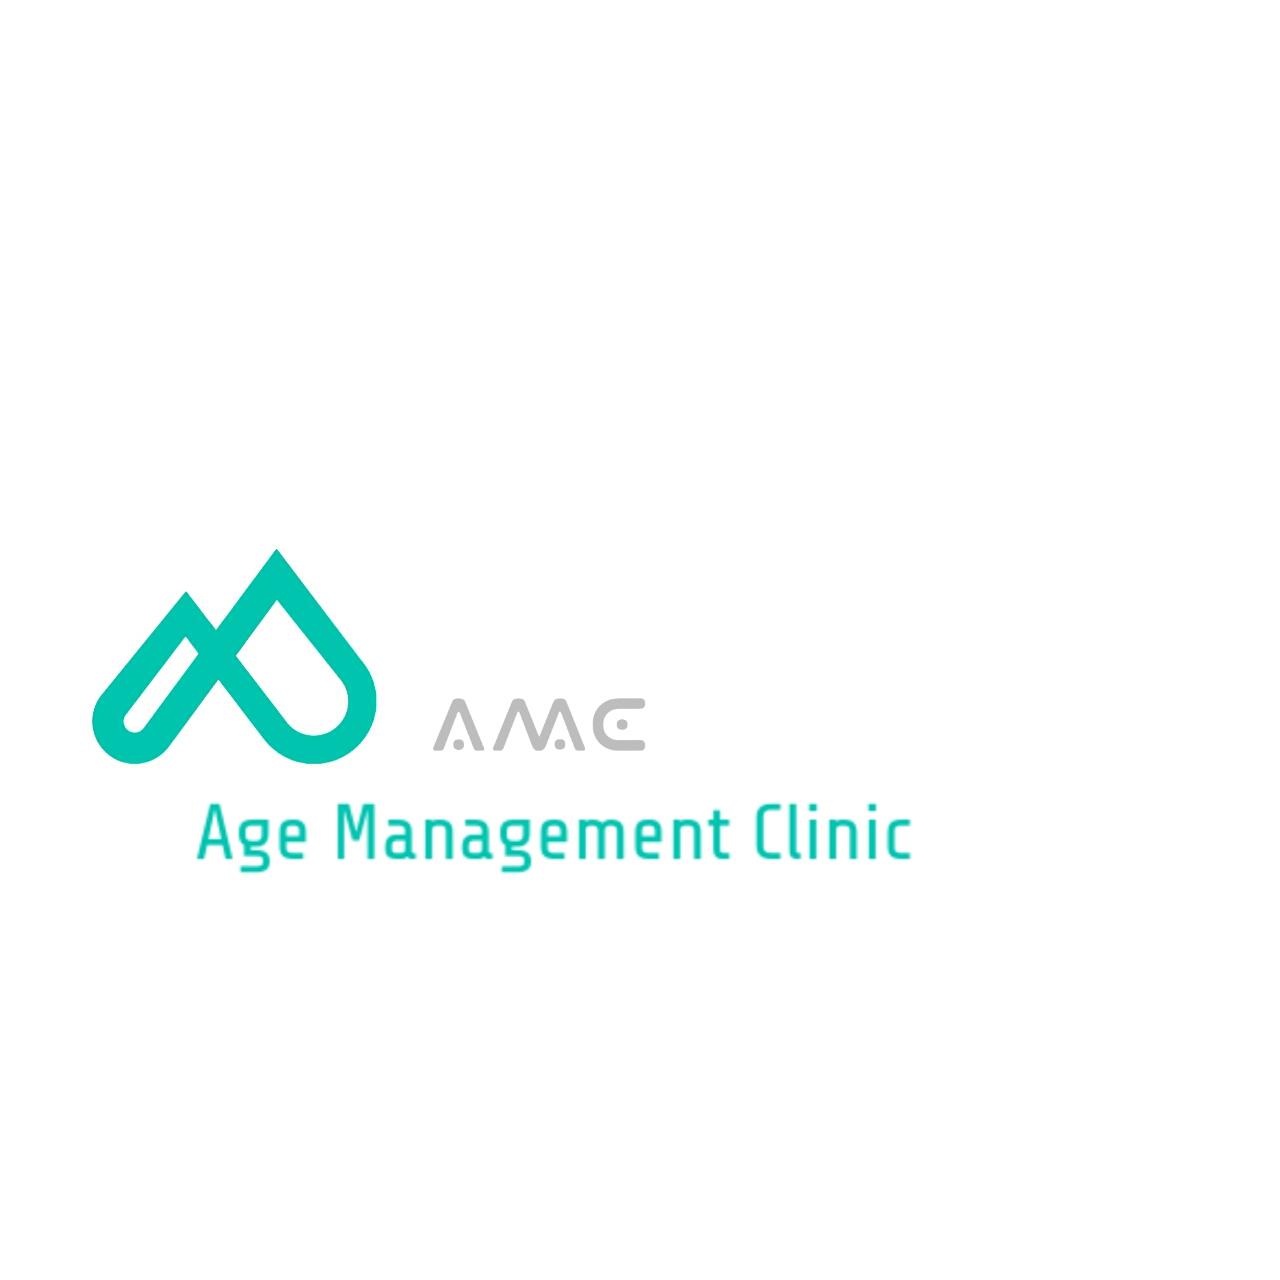 Логотип для медицинского центра (клиники)  фото f_6685b9c536ea1d9a.jpg